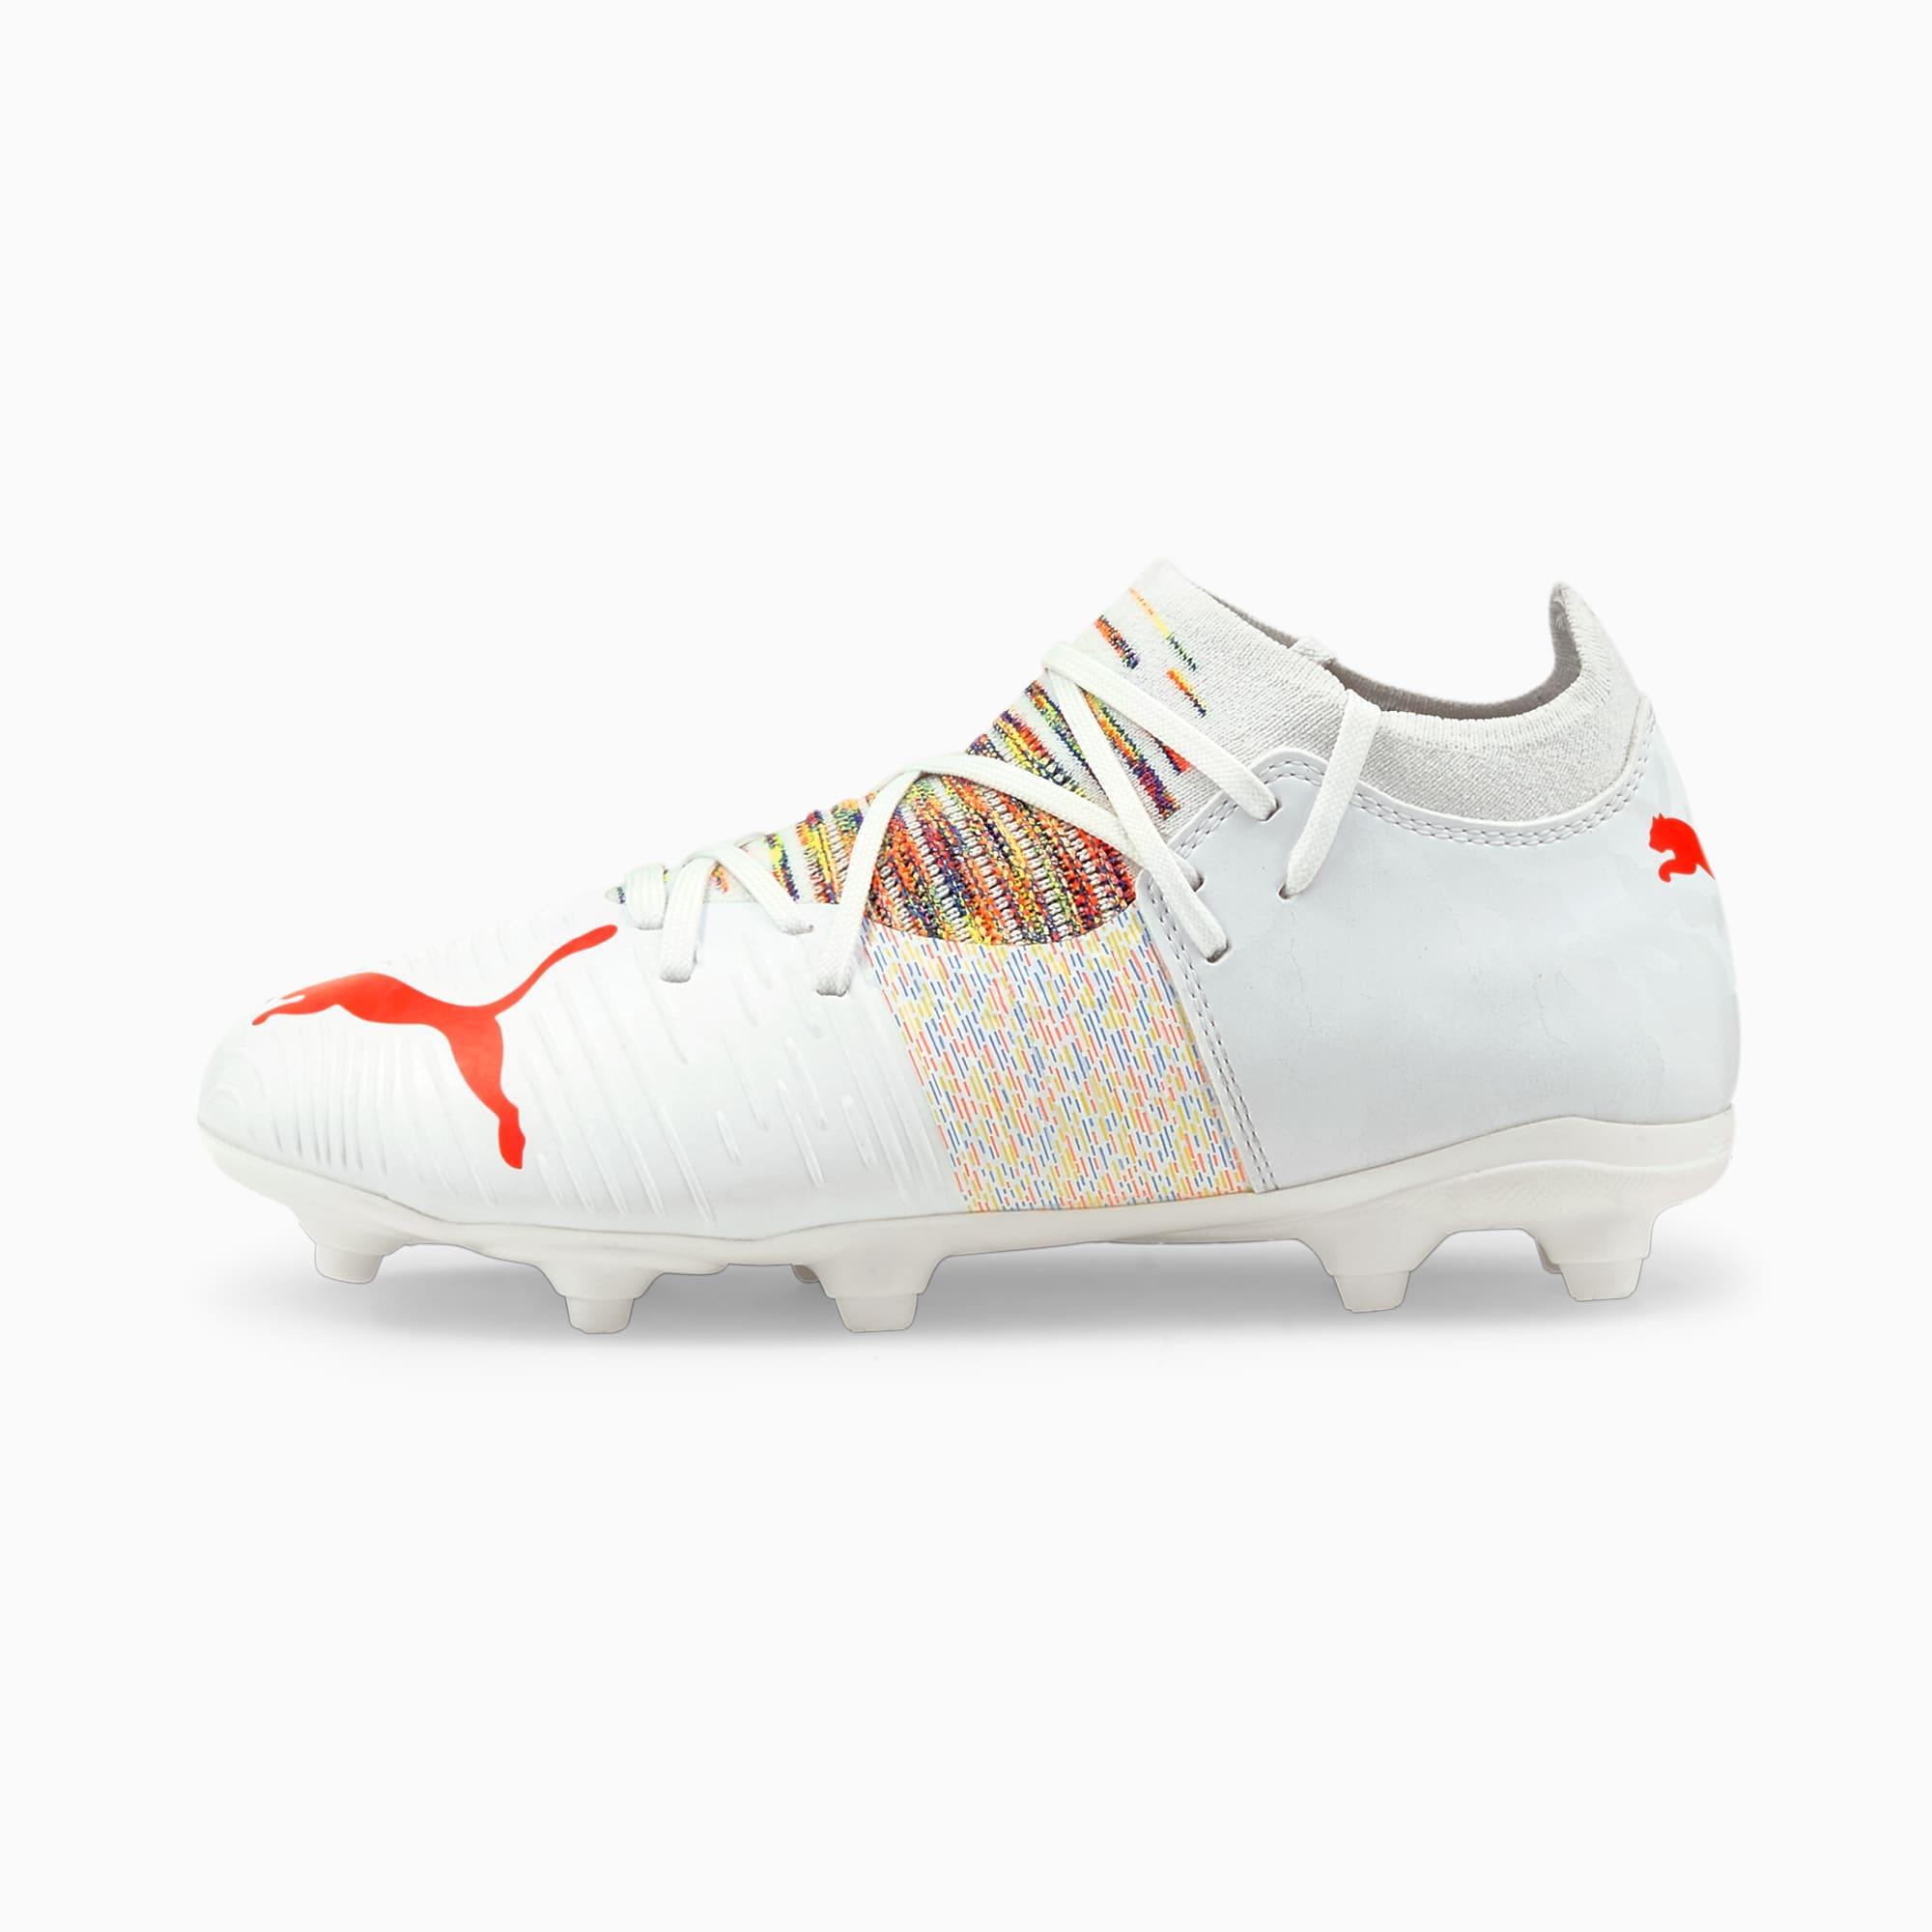 FUTURE Z 3.1 FG/AG voetbalschoenen jongeren, Wit/Rood, Maat 34,5 | PUMA